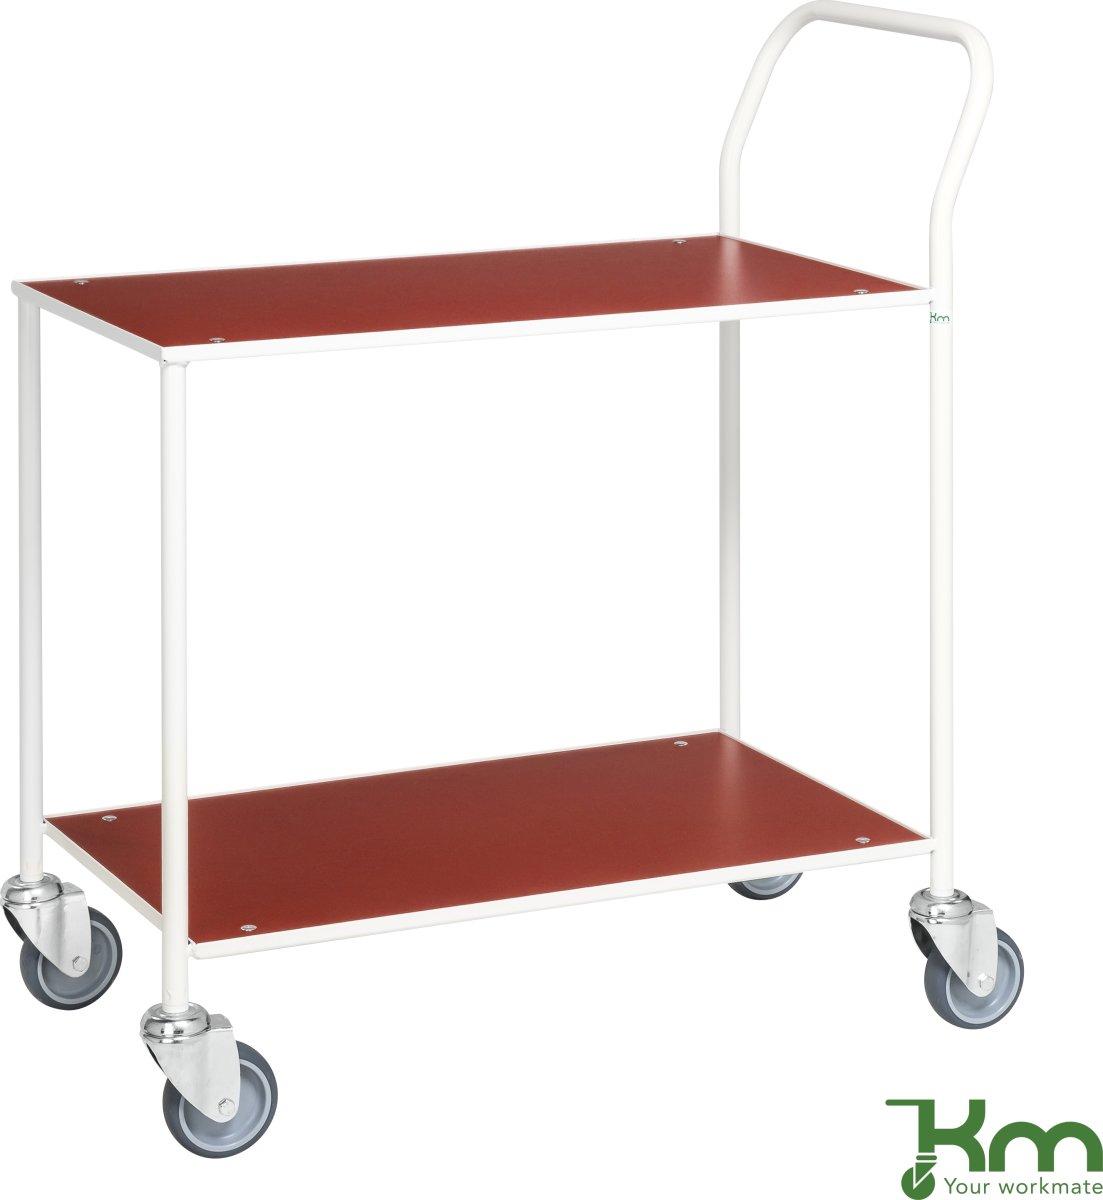 Rullebord - 2 hylder, 840x430x970, Hvid/Rød